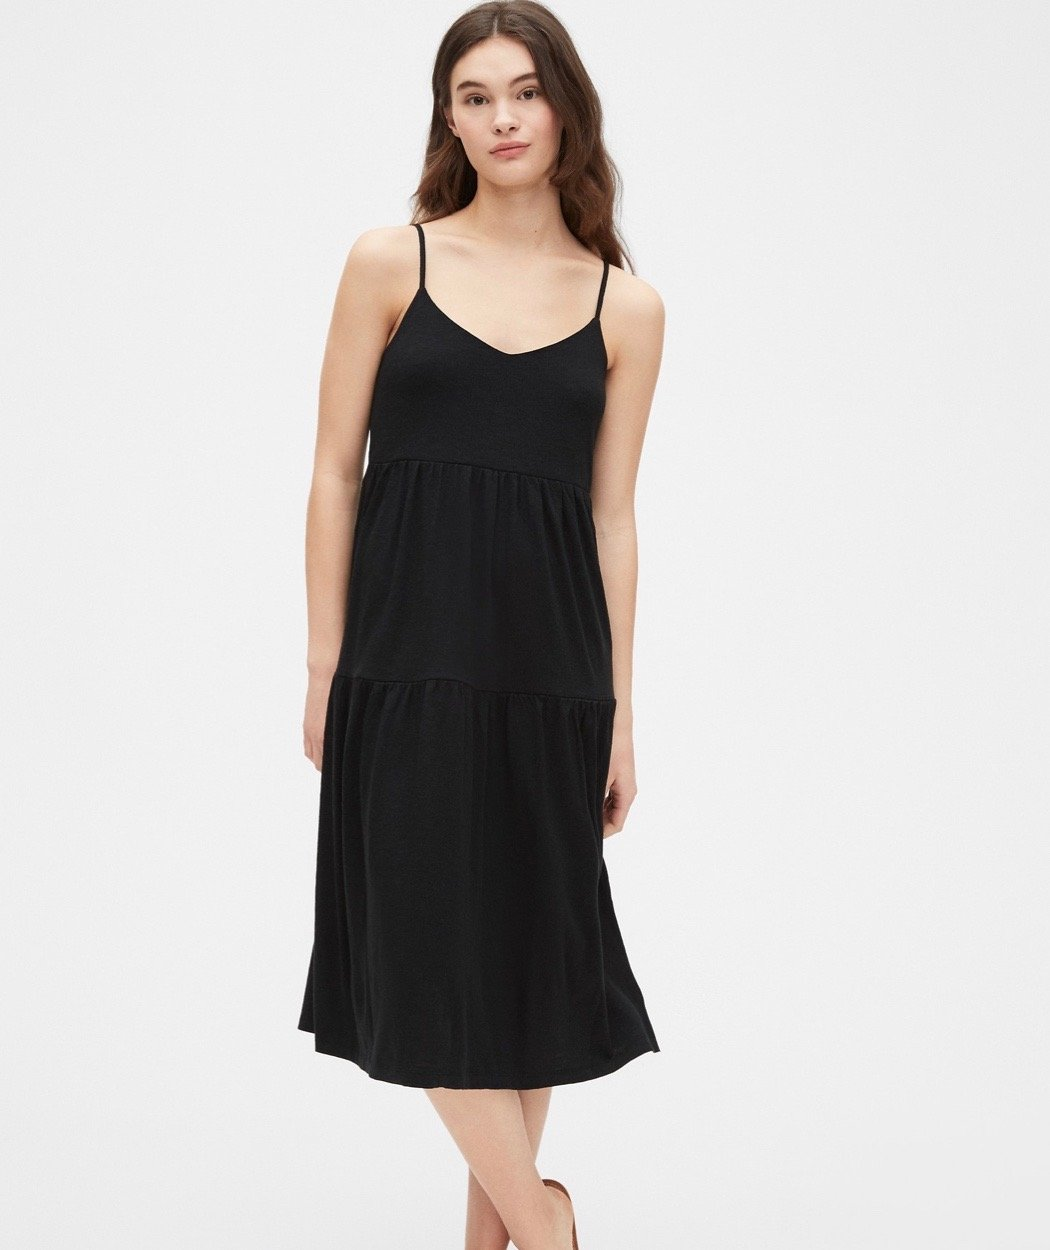 tiered black midi dress